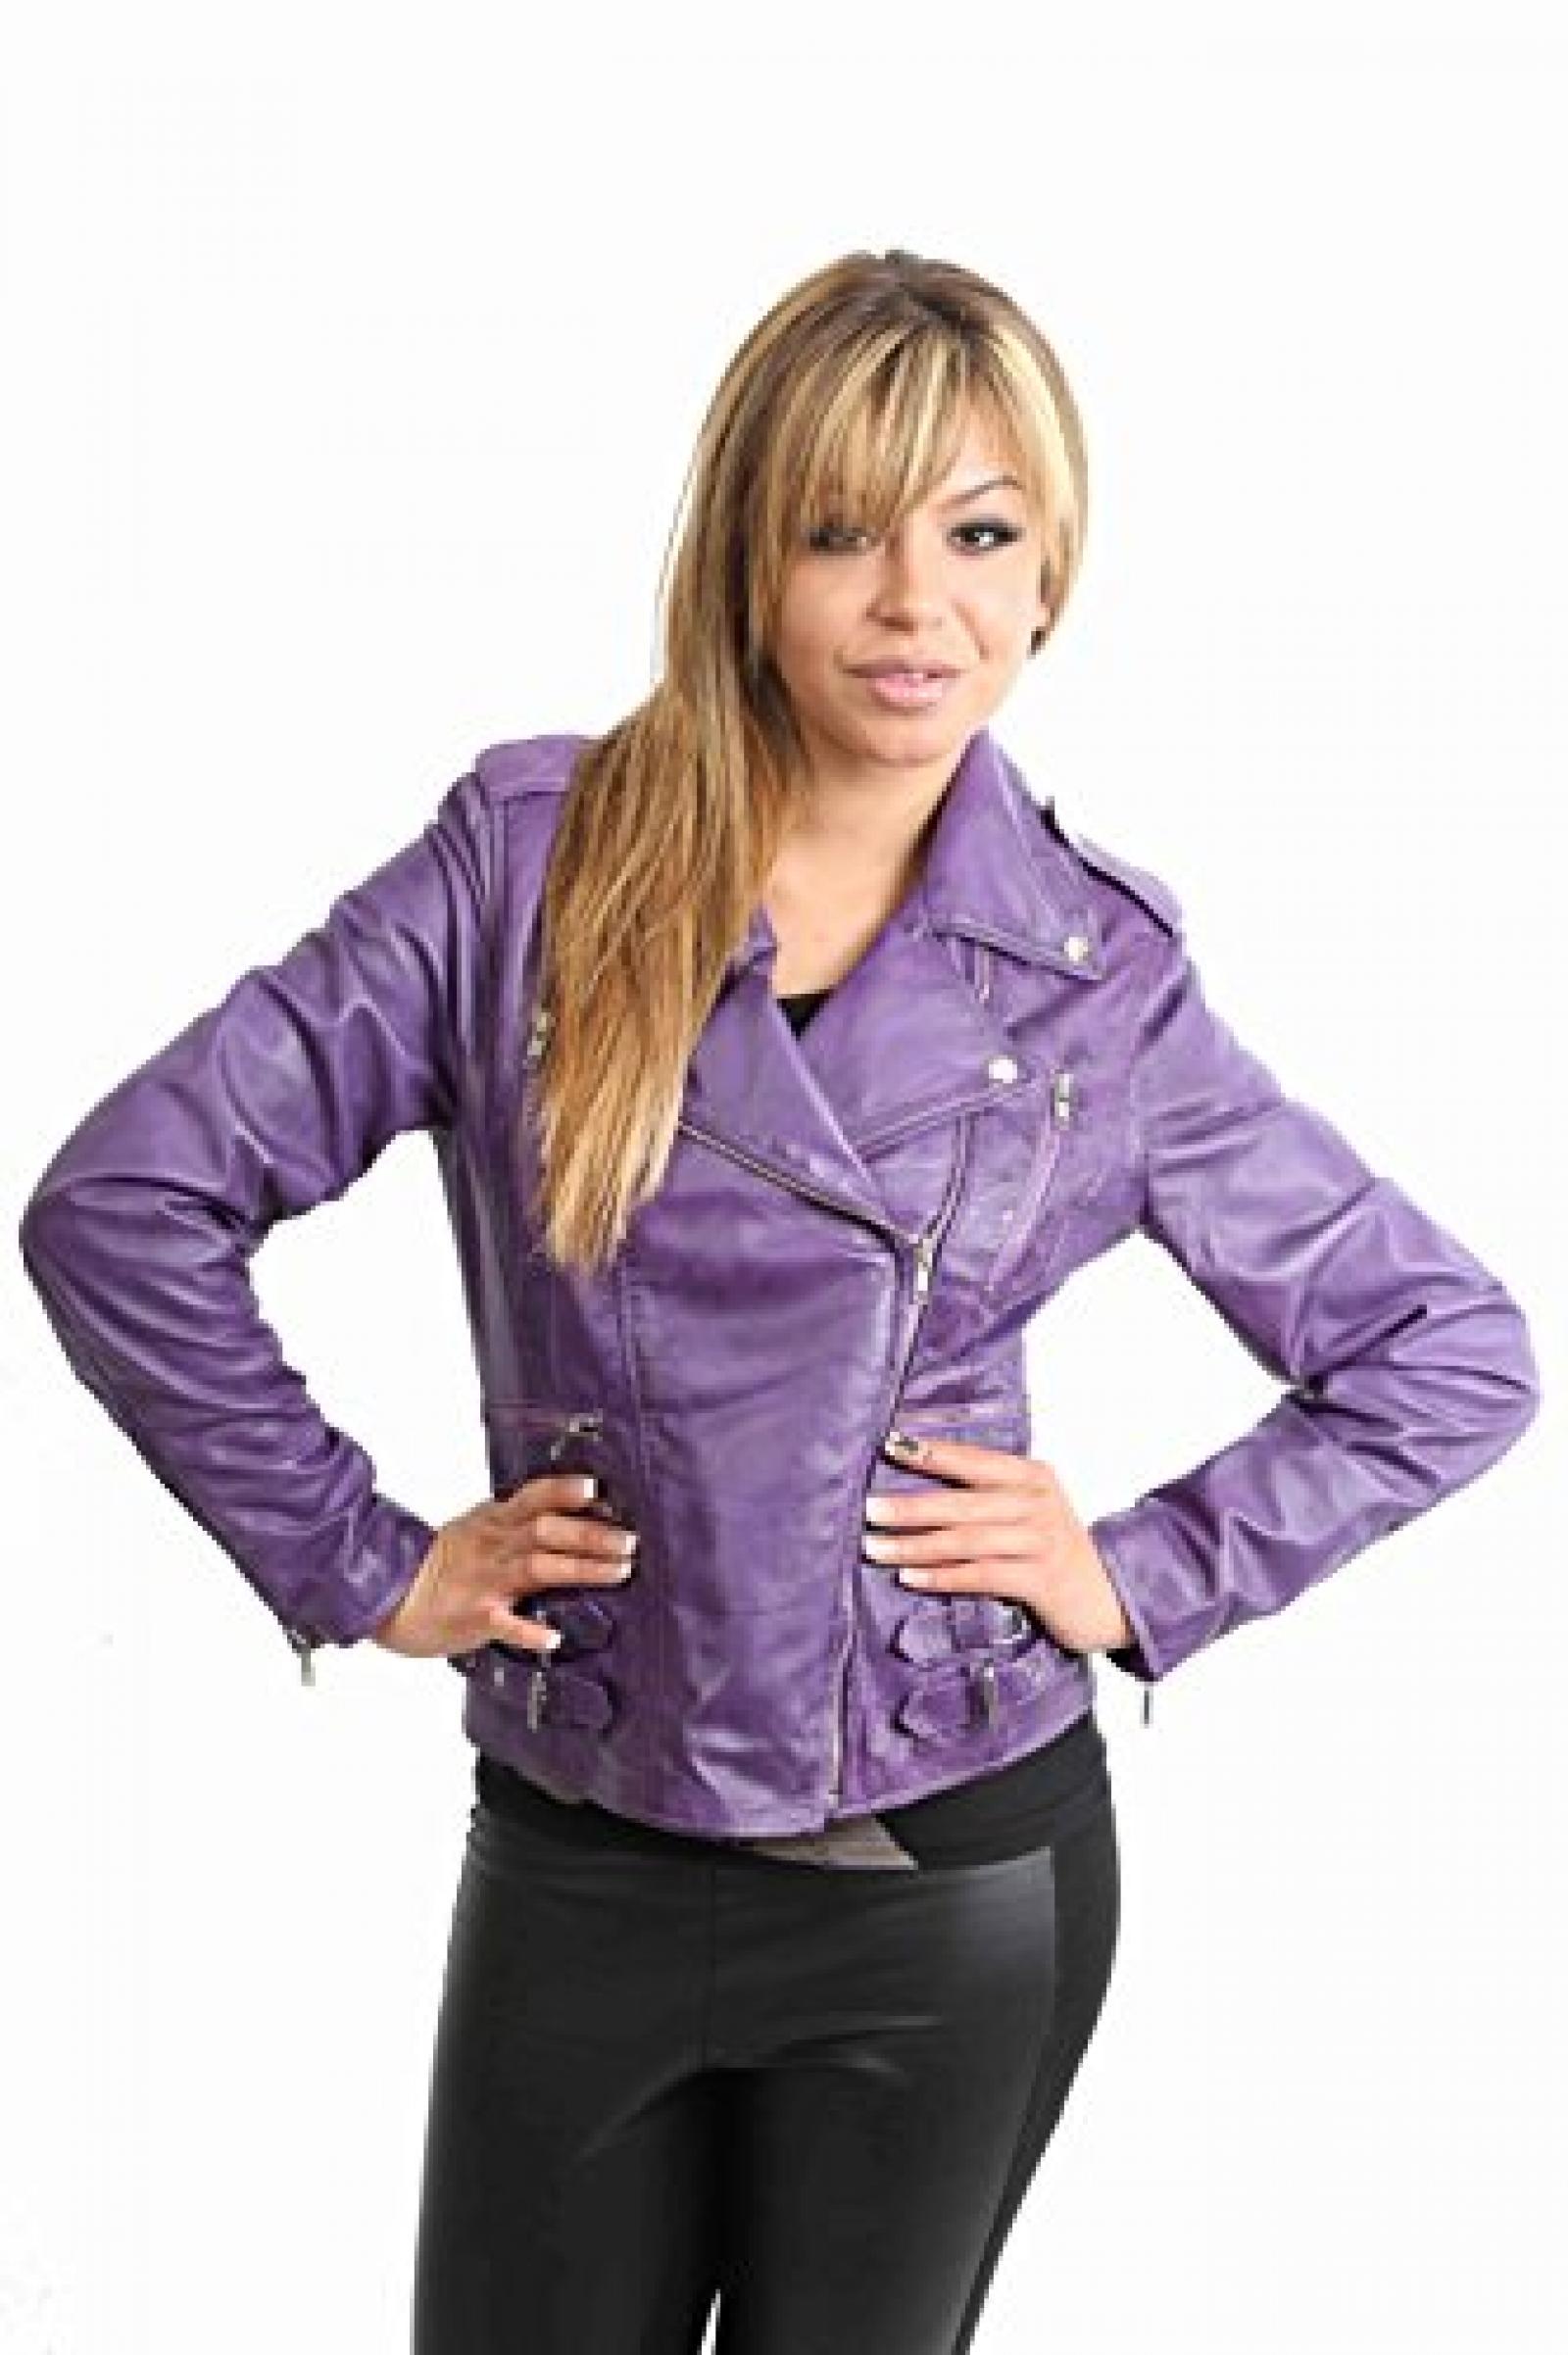 Damen Lederjacke neuste Mode-Stil 7113 Lila